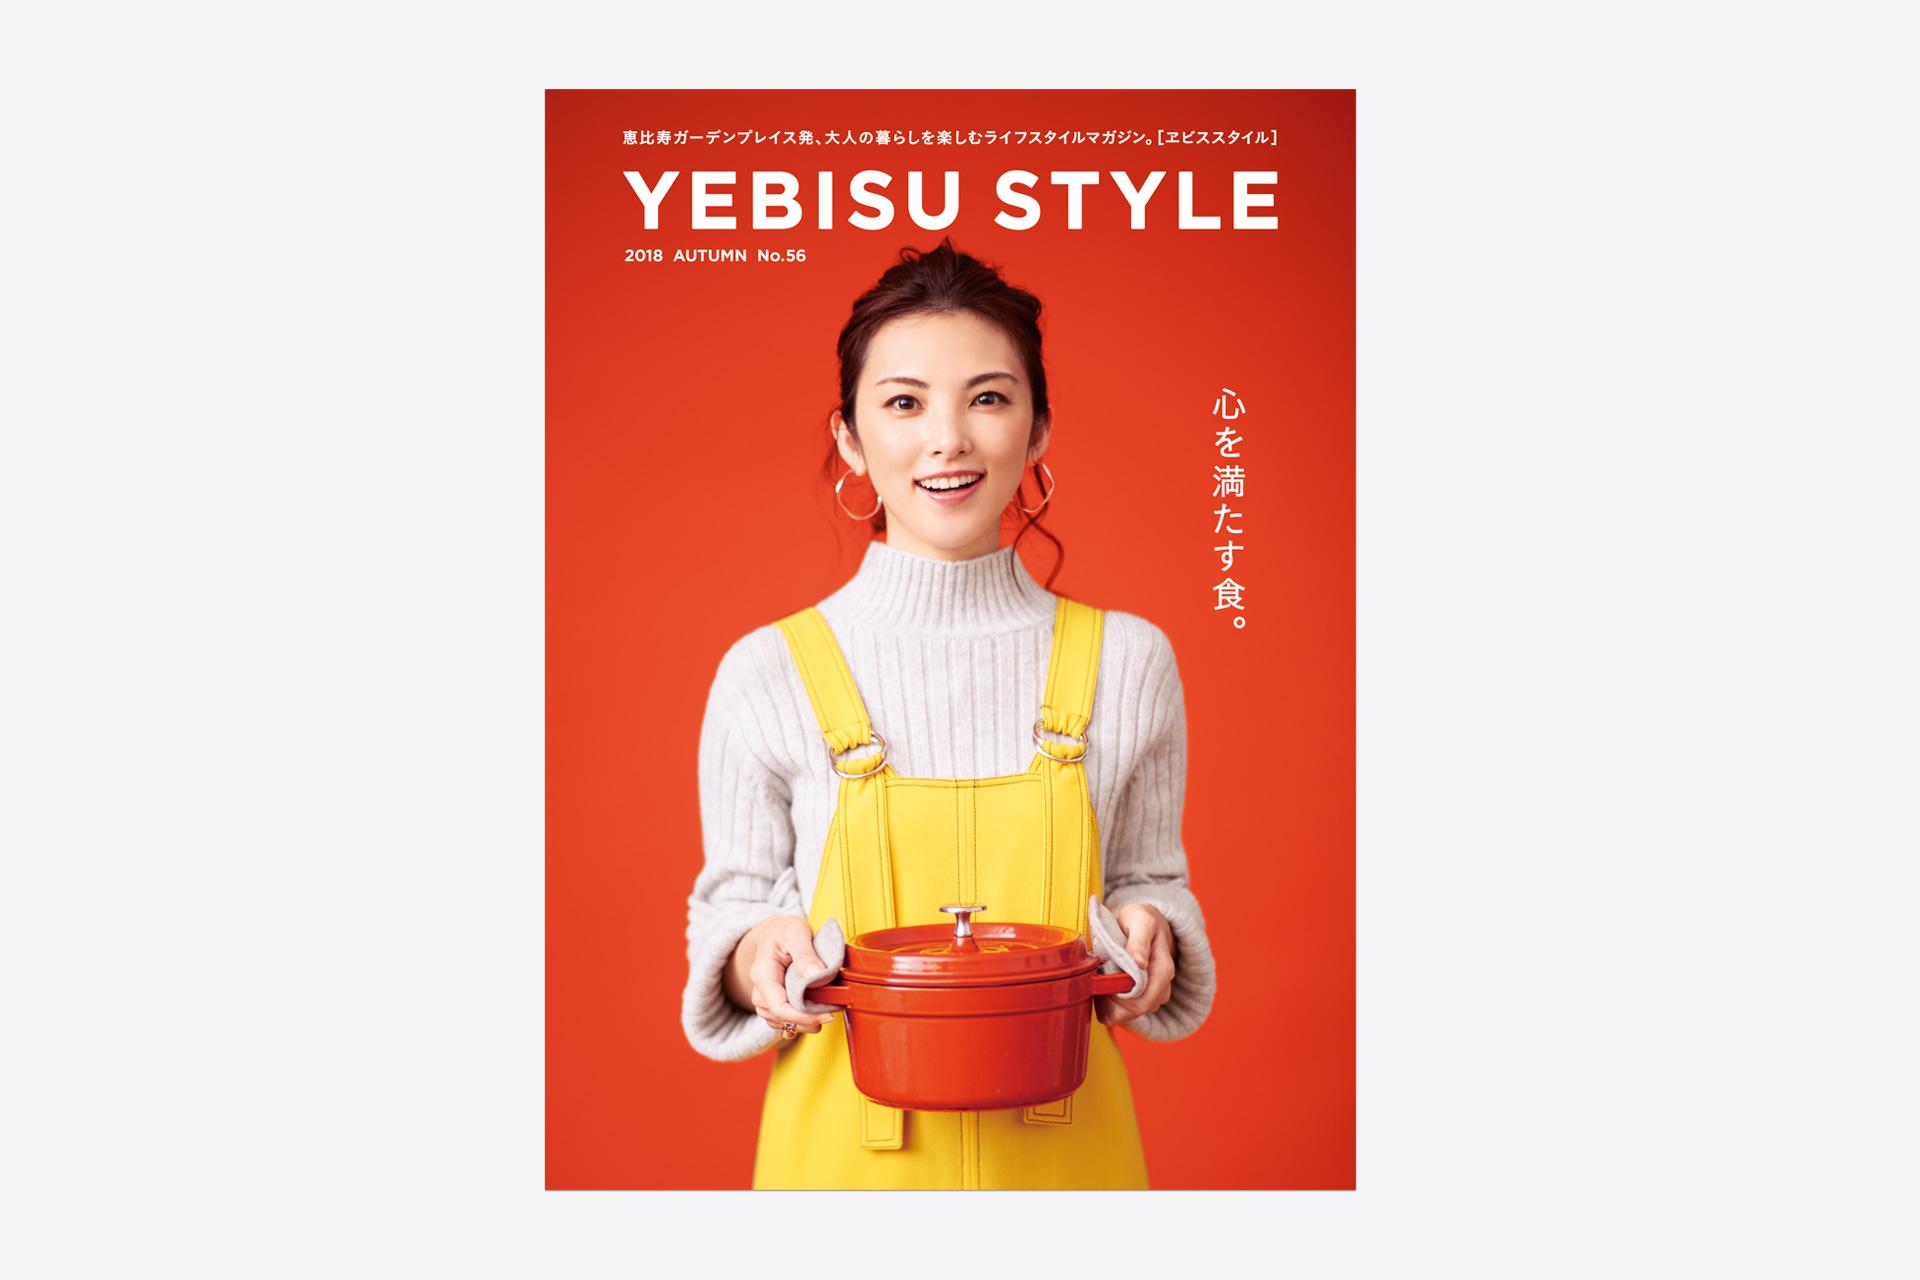 YEBISU STYLE vol.56